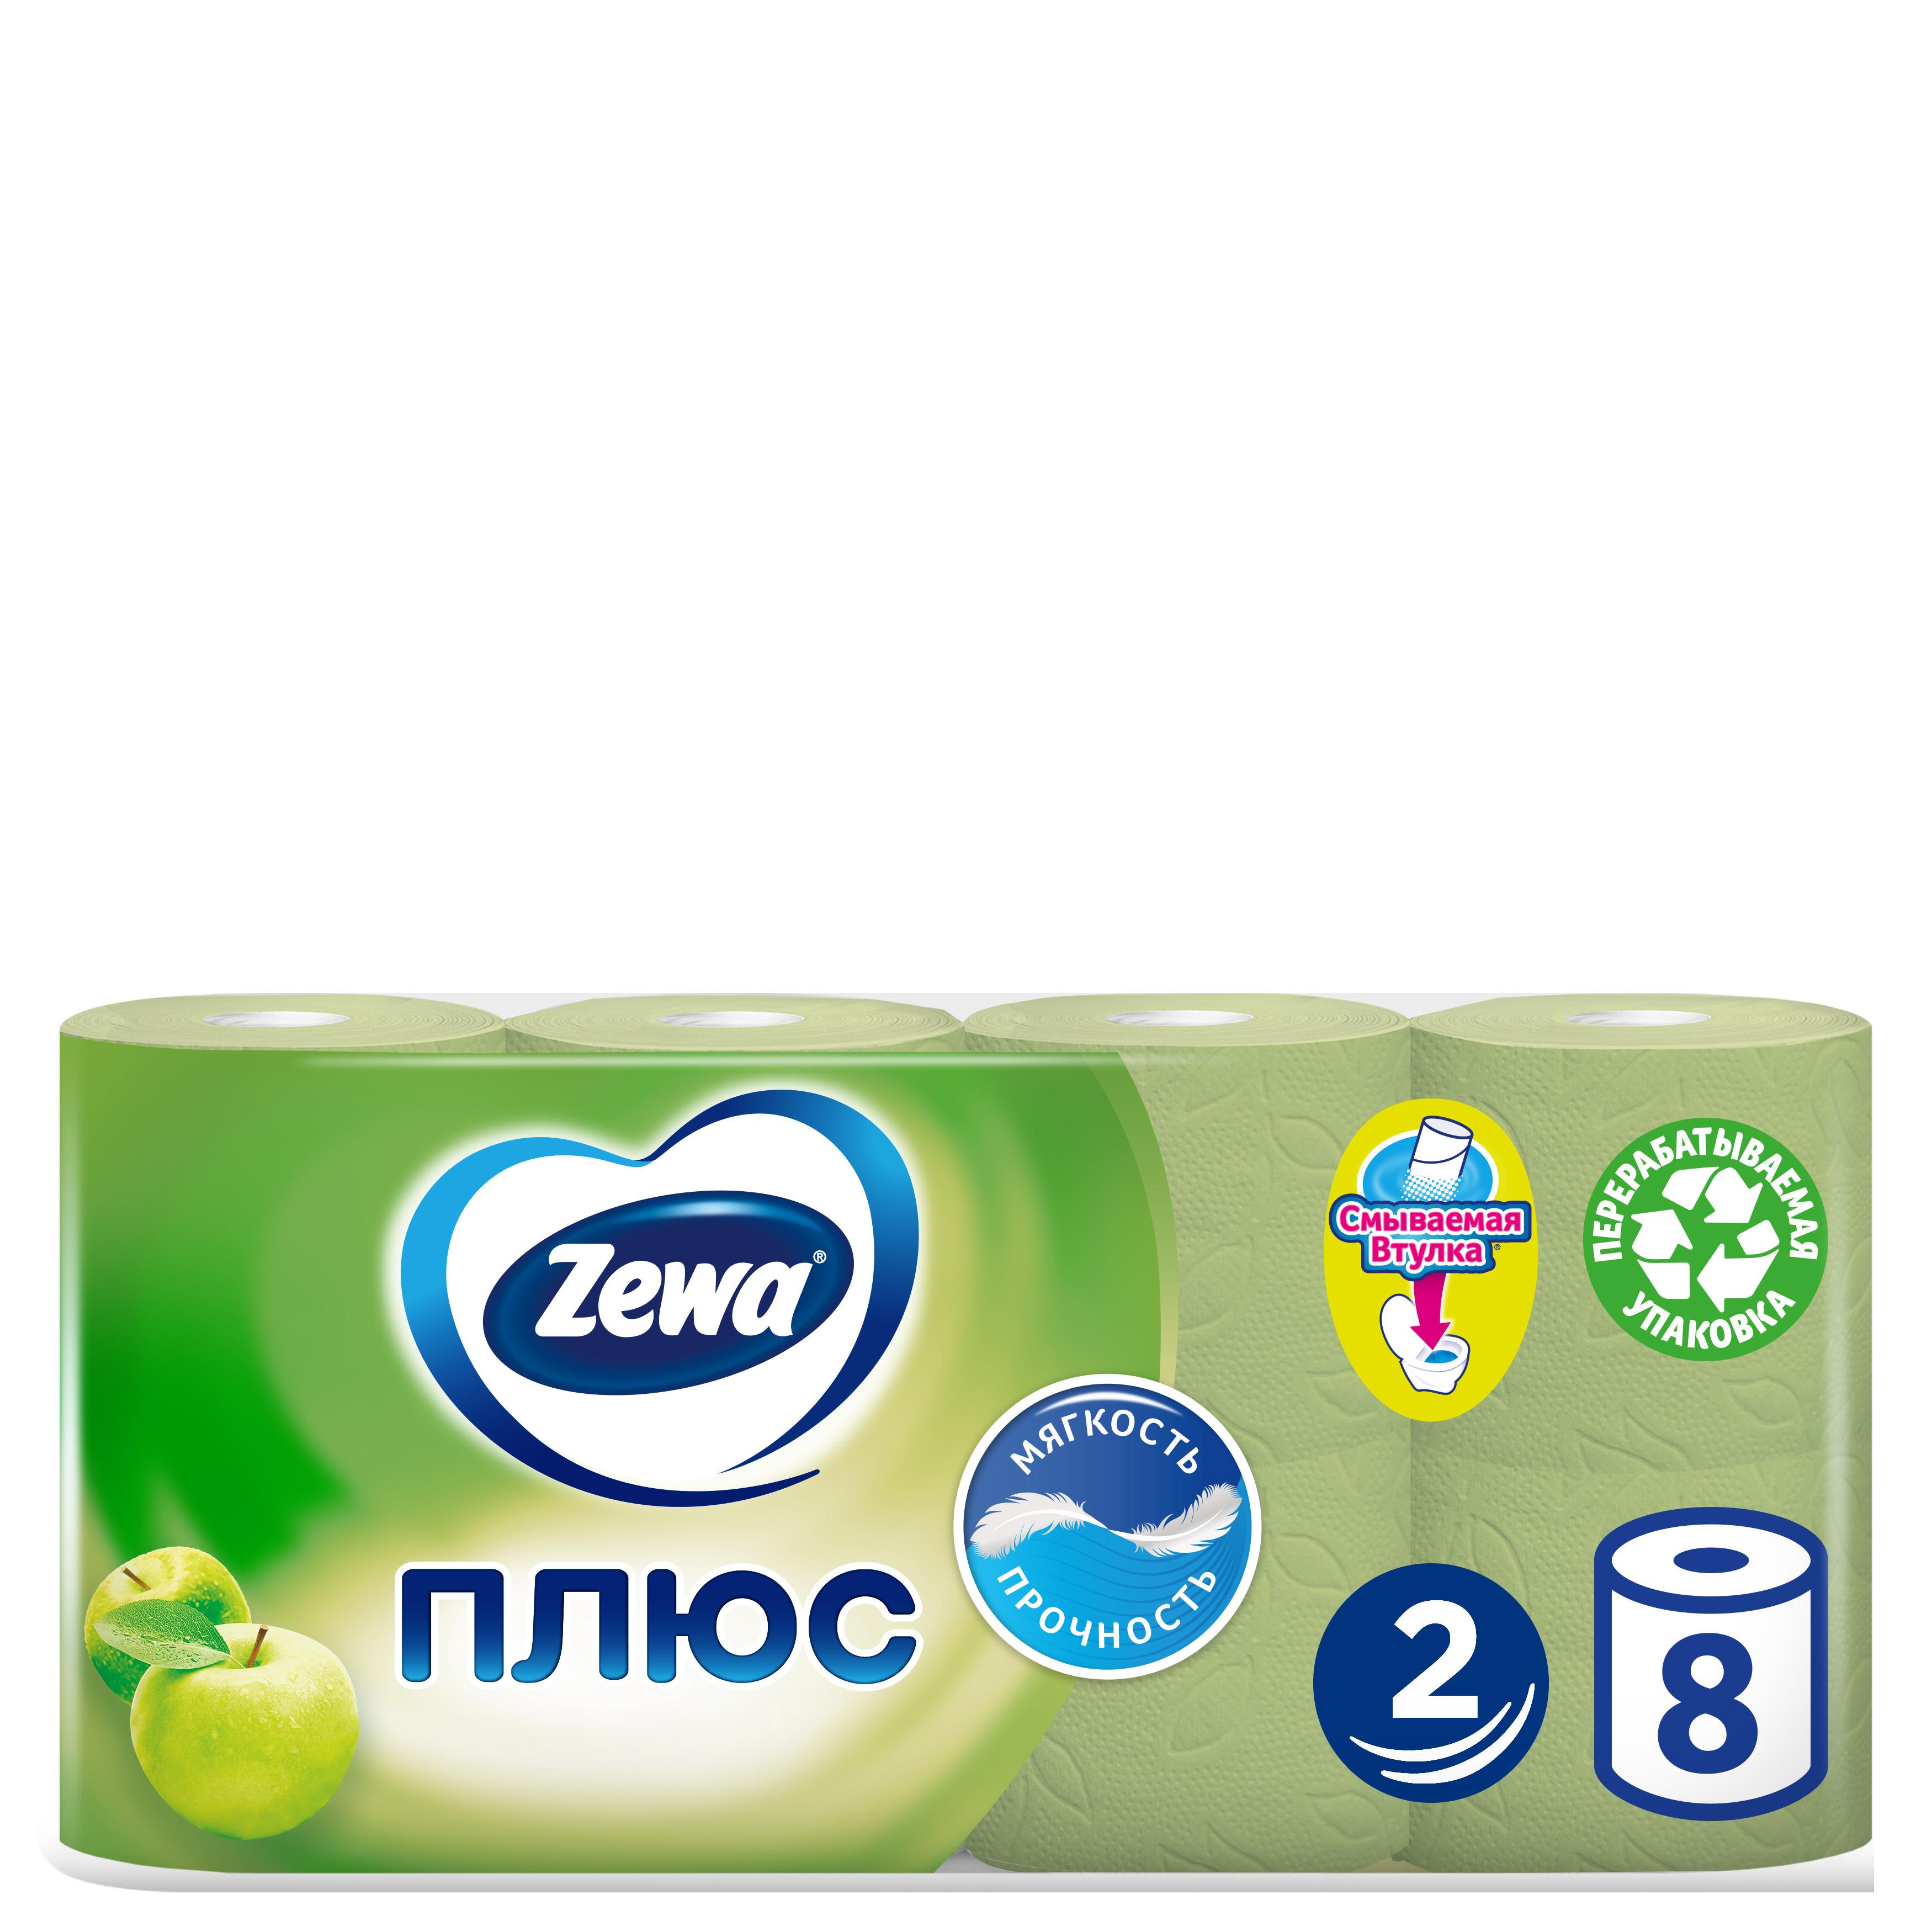 Купить Туалетная бумага Zewa Плюс Яблоко, 2 слоя, 8 рулонов, туалетная бумага 144006